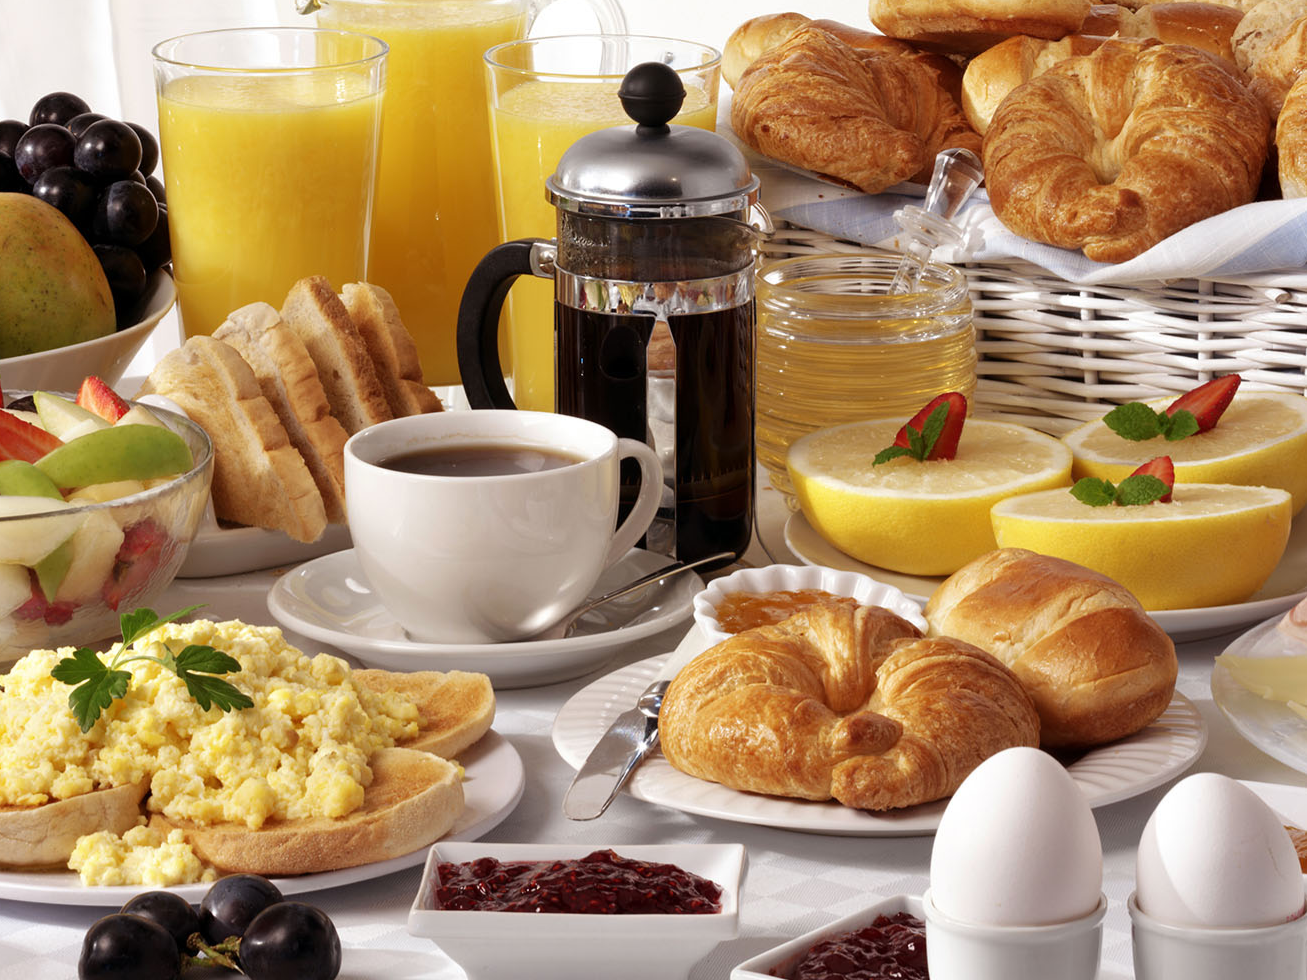 Breakfast_On_Us_Offer